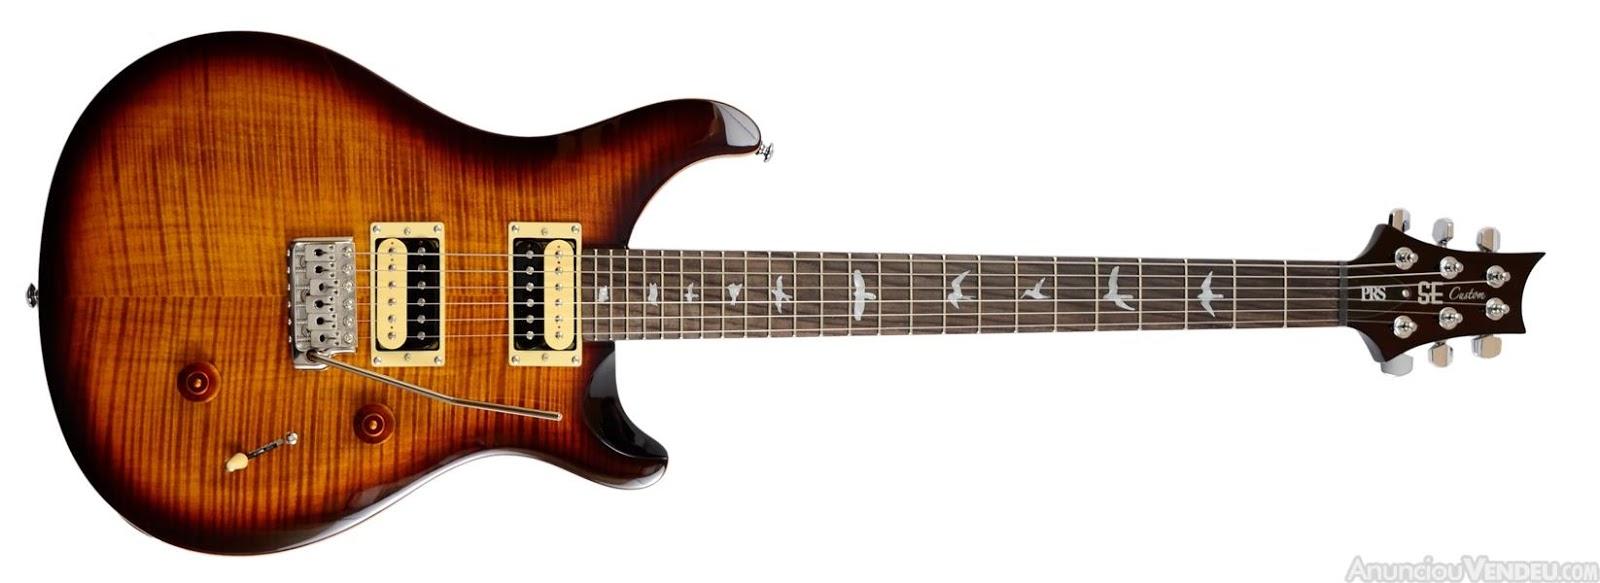 Instrumentos Musicais - Guitarra, Contrabaixo, Bateria, Flauta, Acordeão, Berimbau, Bandolim e Bardo